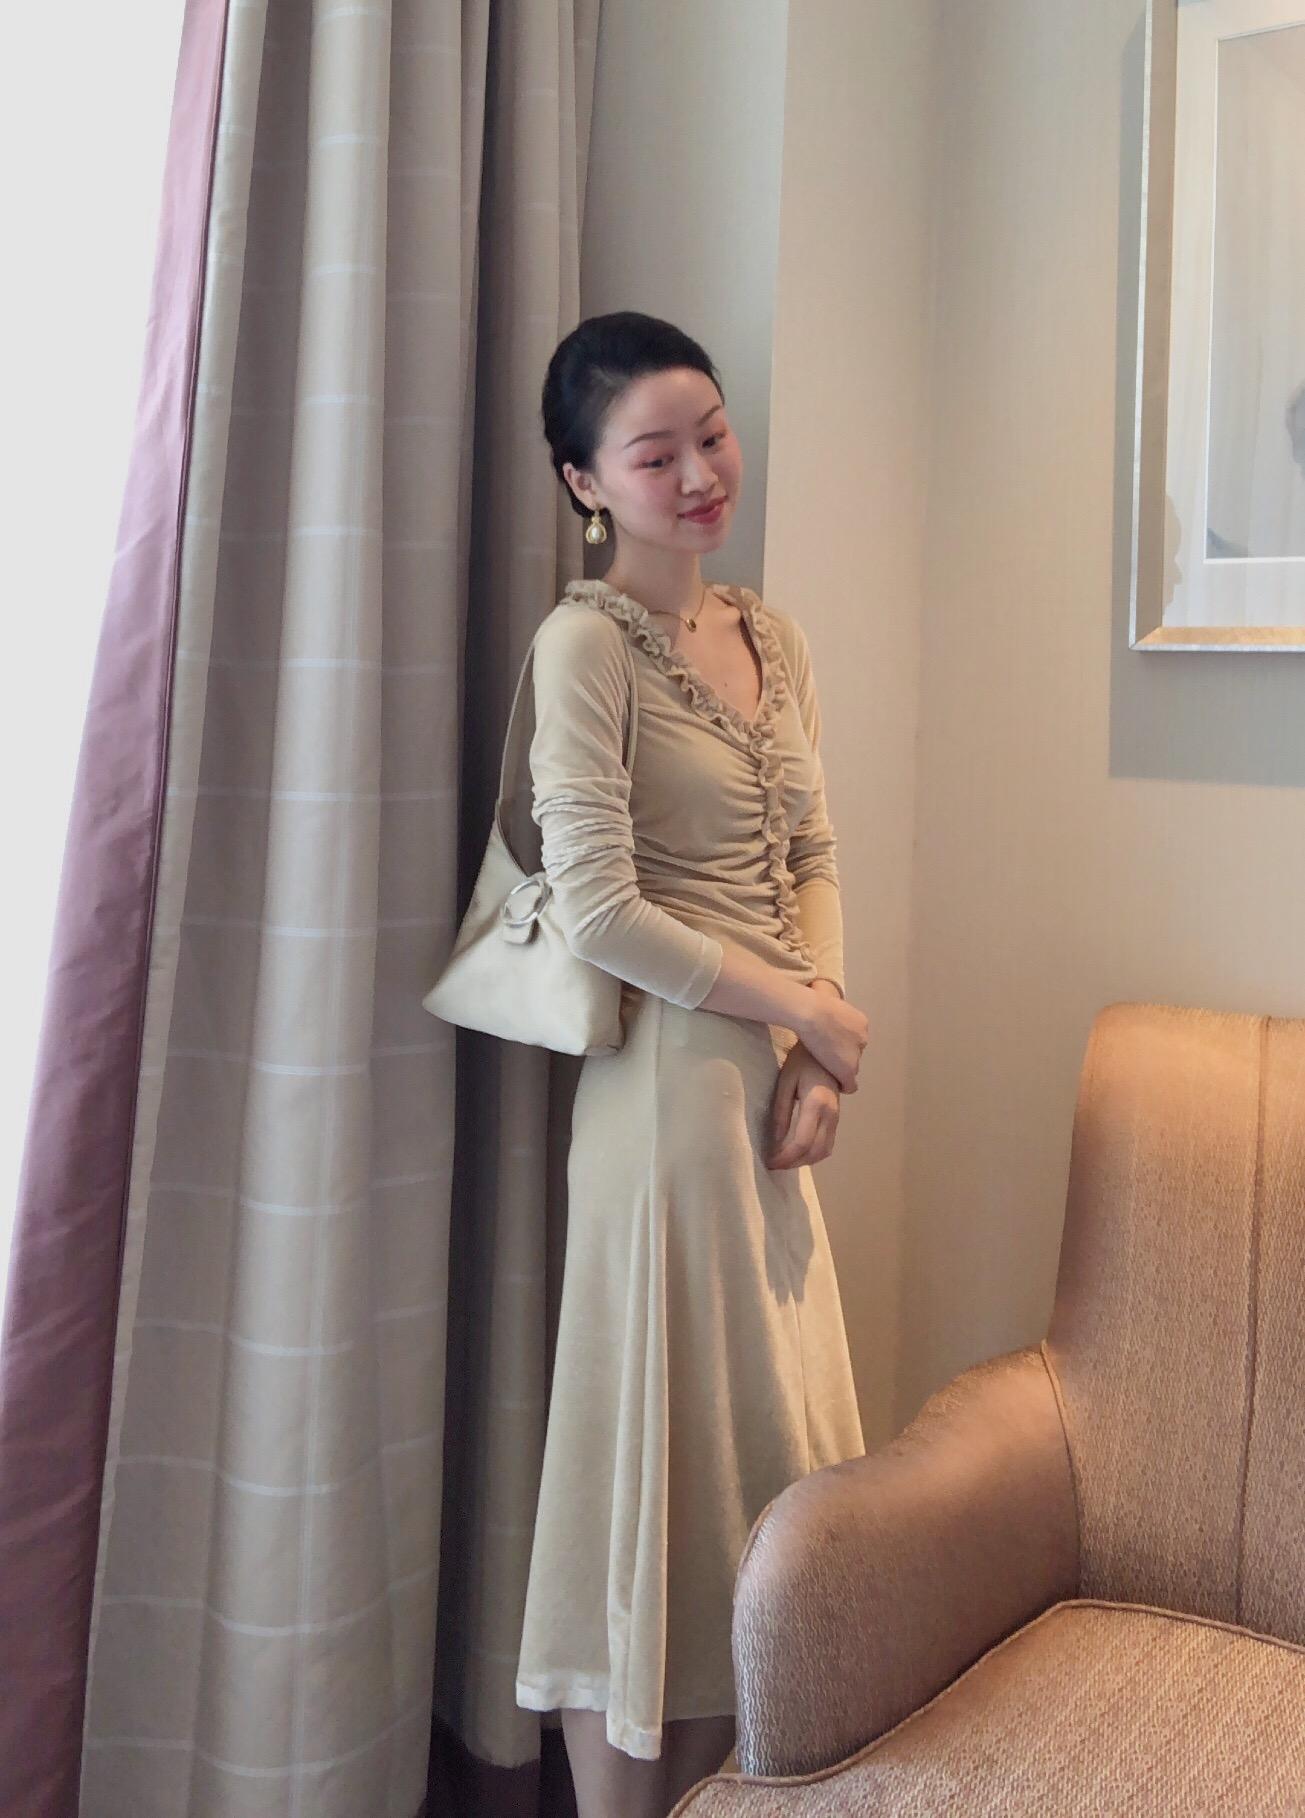 满188.00元可用1元优惠券WangHanYan自制秋季新品V领褶皱花边丝绒连衣裙修身显瘦气质长袖